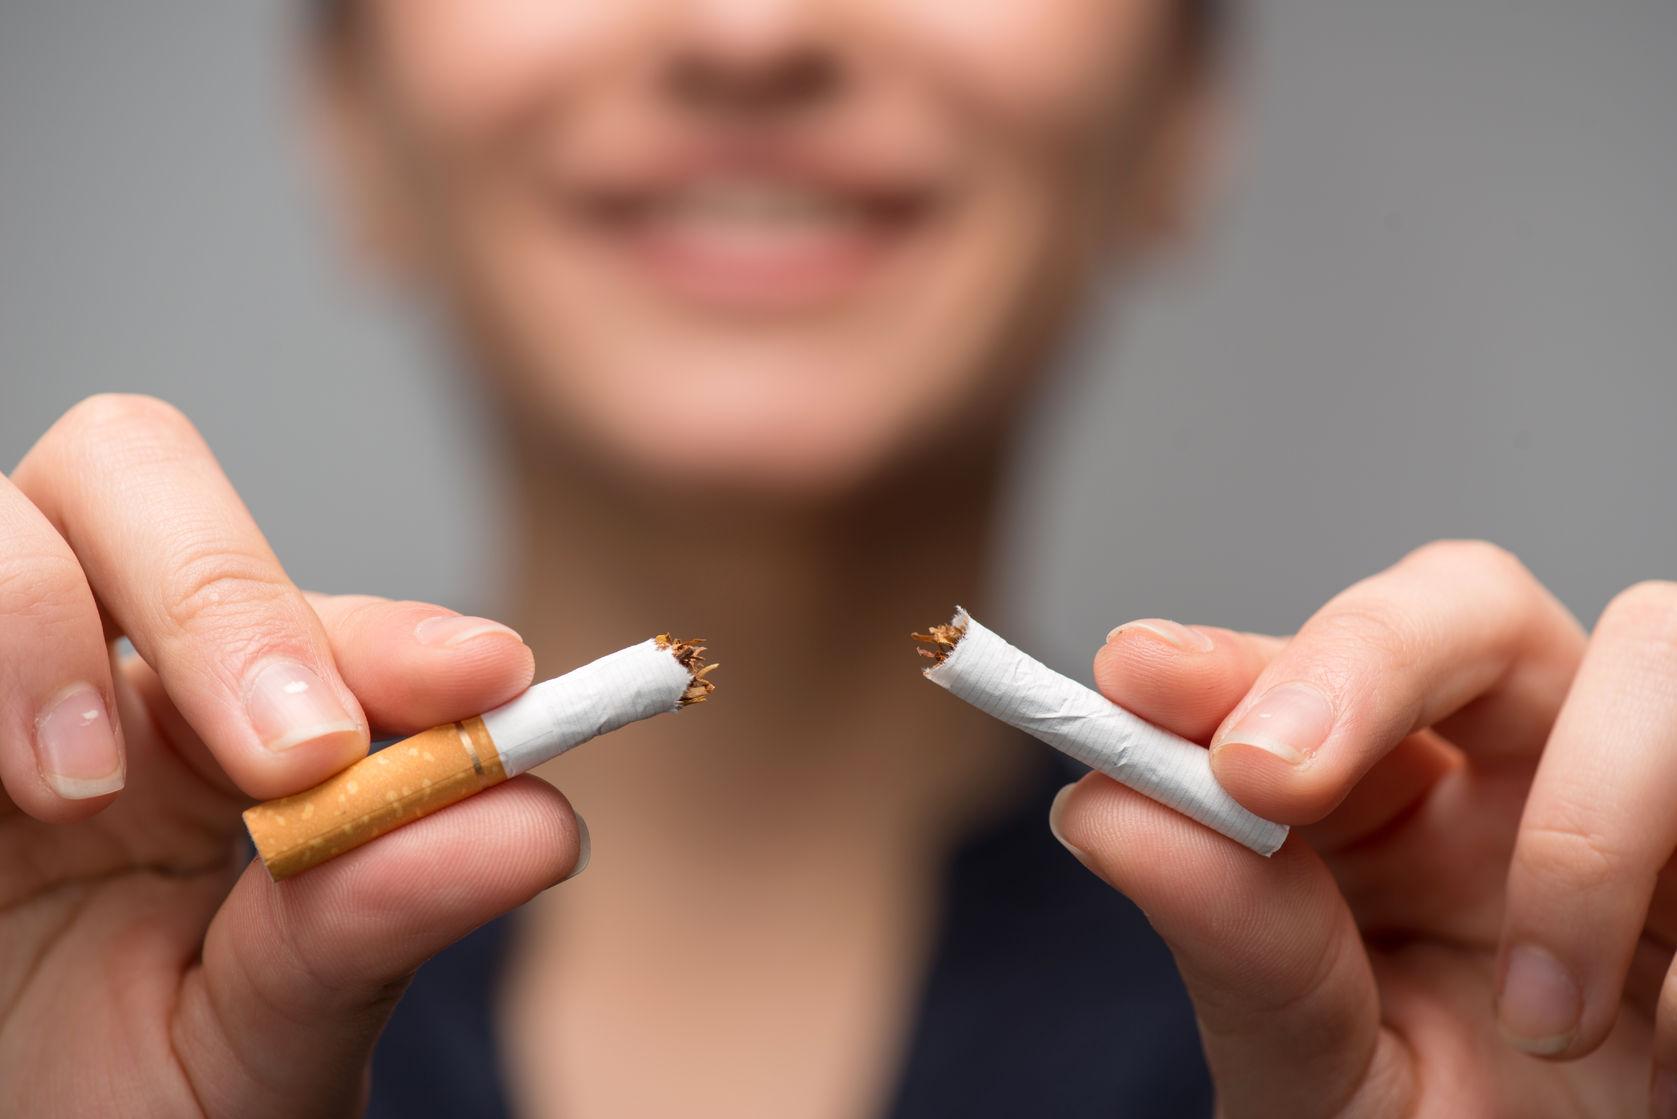 La ingeniosa iniciativa de esta compañía para que sus empleados dejen de fumar